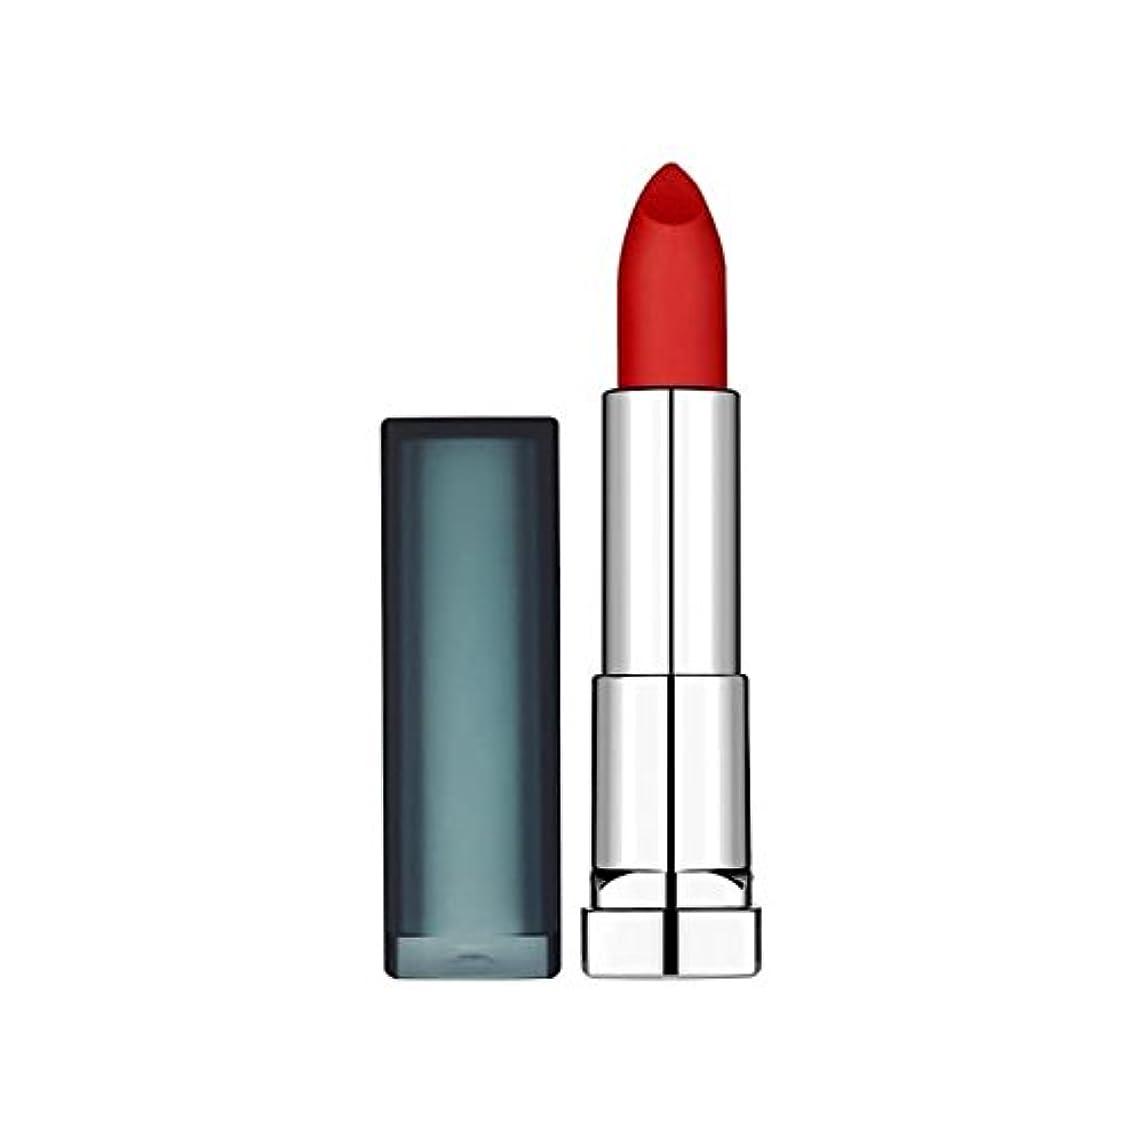 さまよう行き当たりばったり信じられないMaybelline Color Sensational Lipstick 965 Siren in Scarlet (Pack of 6) - メイベリンカラー扇情口紅スカーレット965のサイレン x6 [並行輸入品]